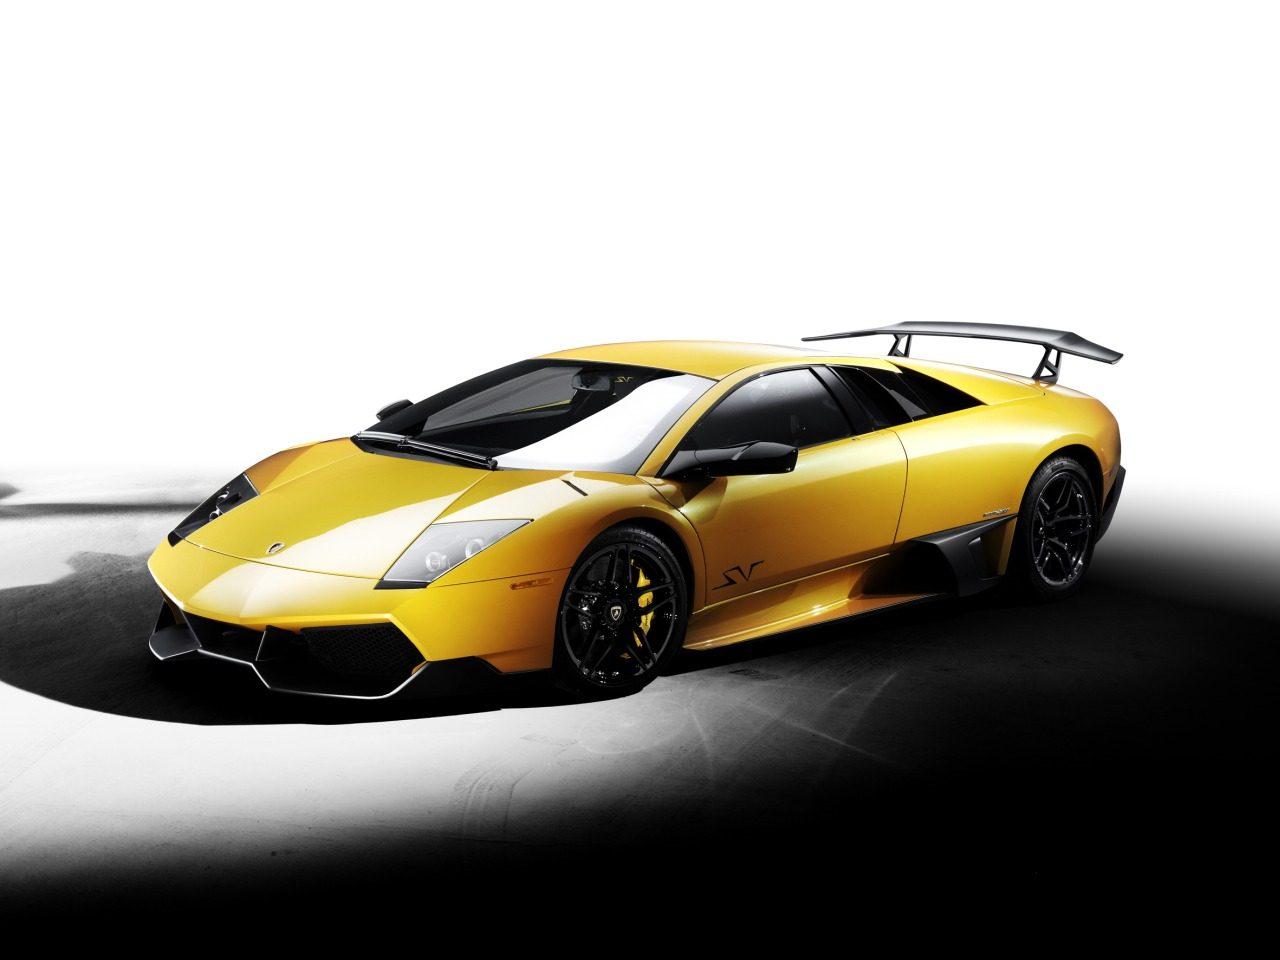 Lamborghini_Murcielago_LP6704_SuperVeloce_01.jpg